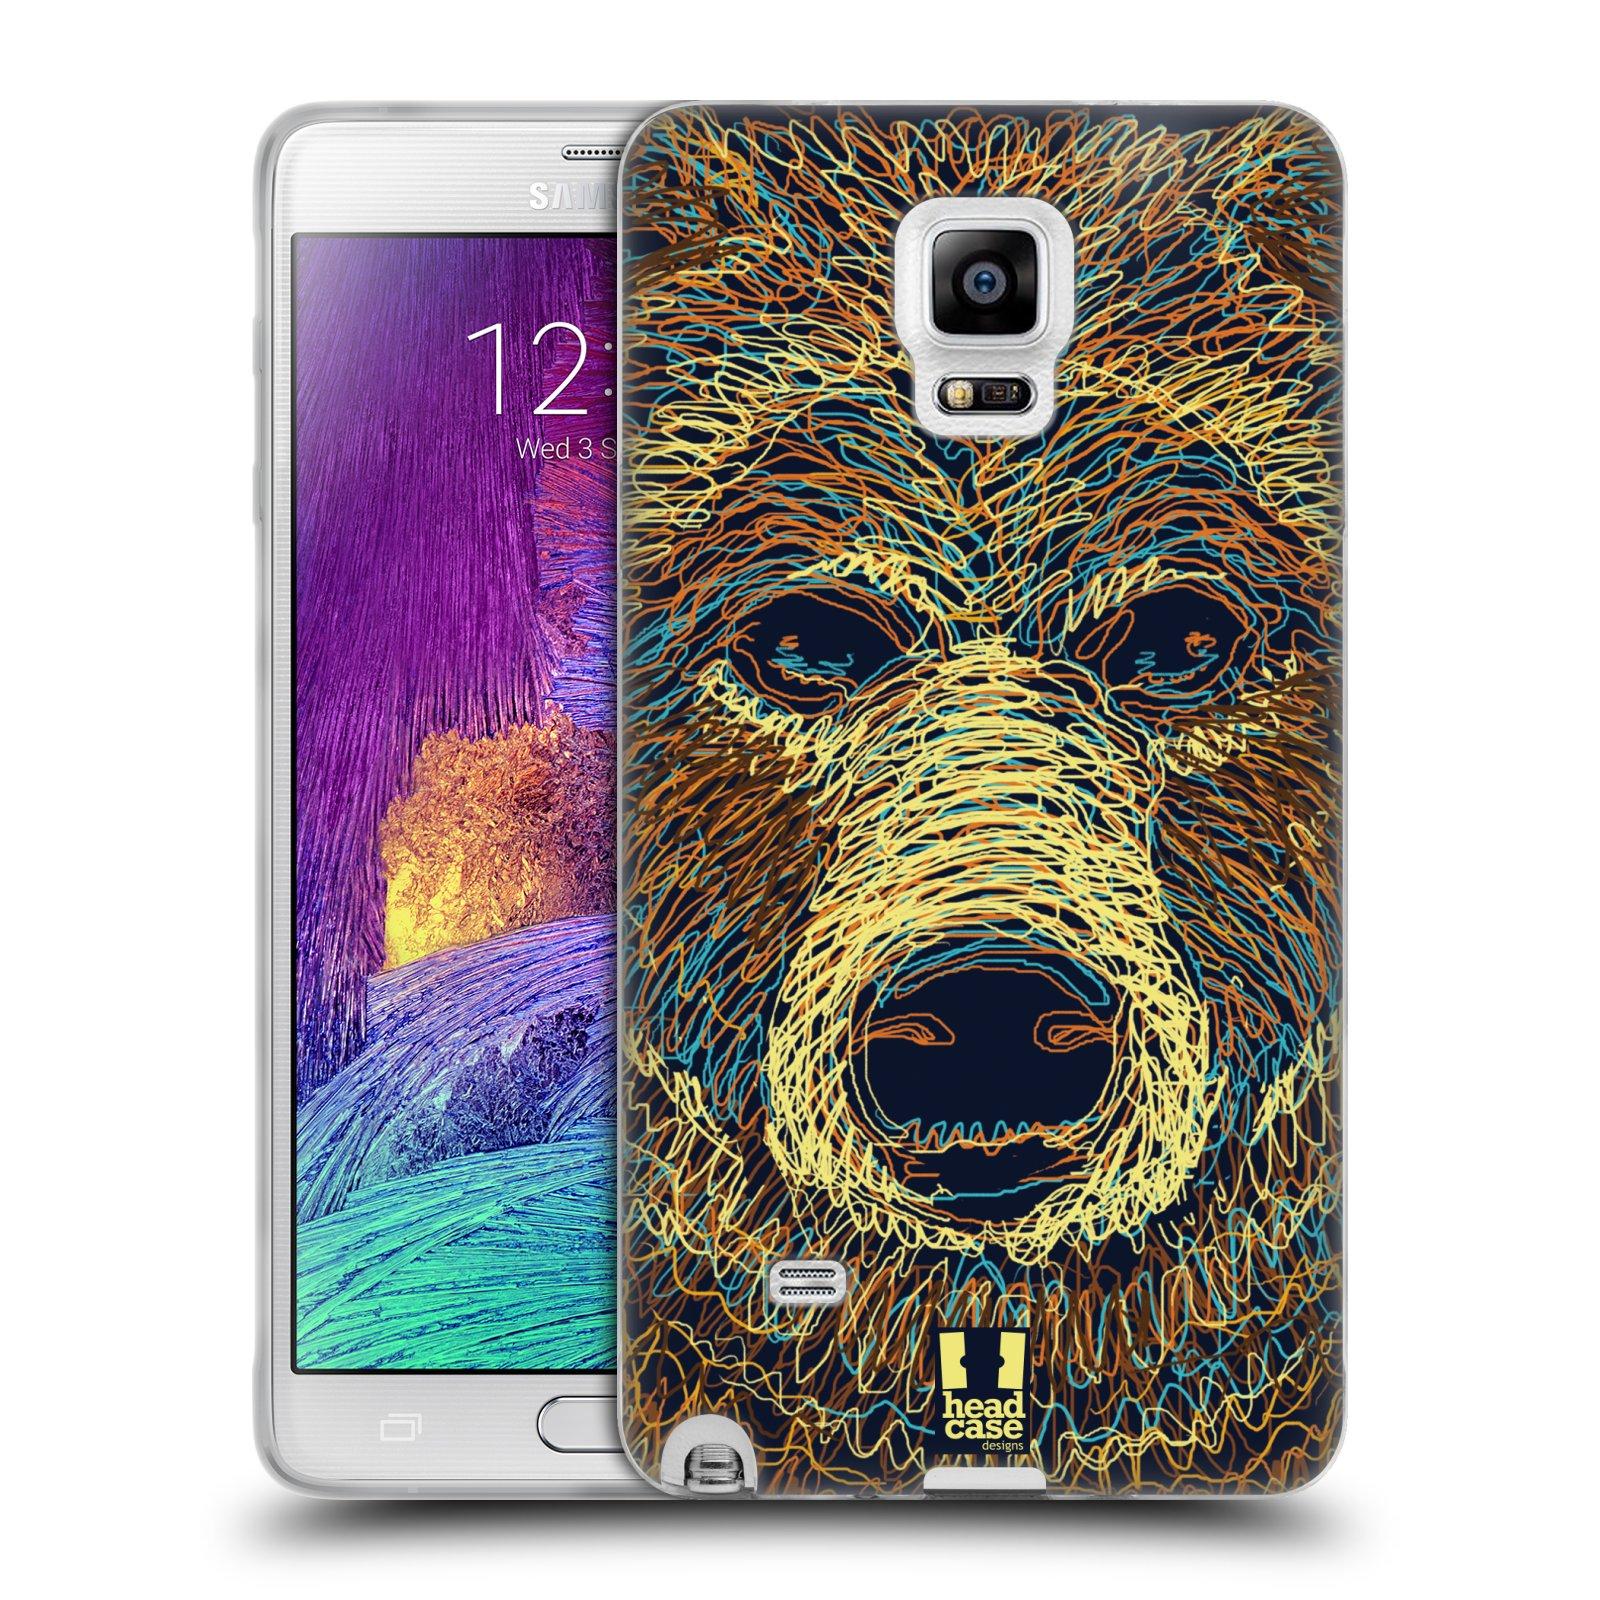 HEAD CASE silikonový obal na mobil Samsung Galaxy Note 4 (N910) vzor zvíře čmáranice medvěd